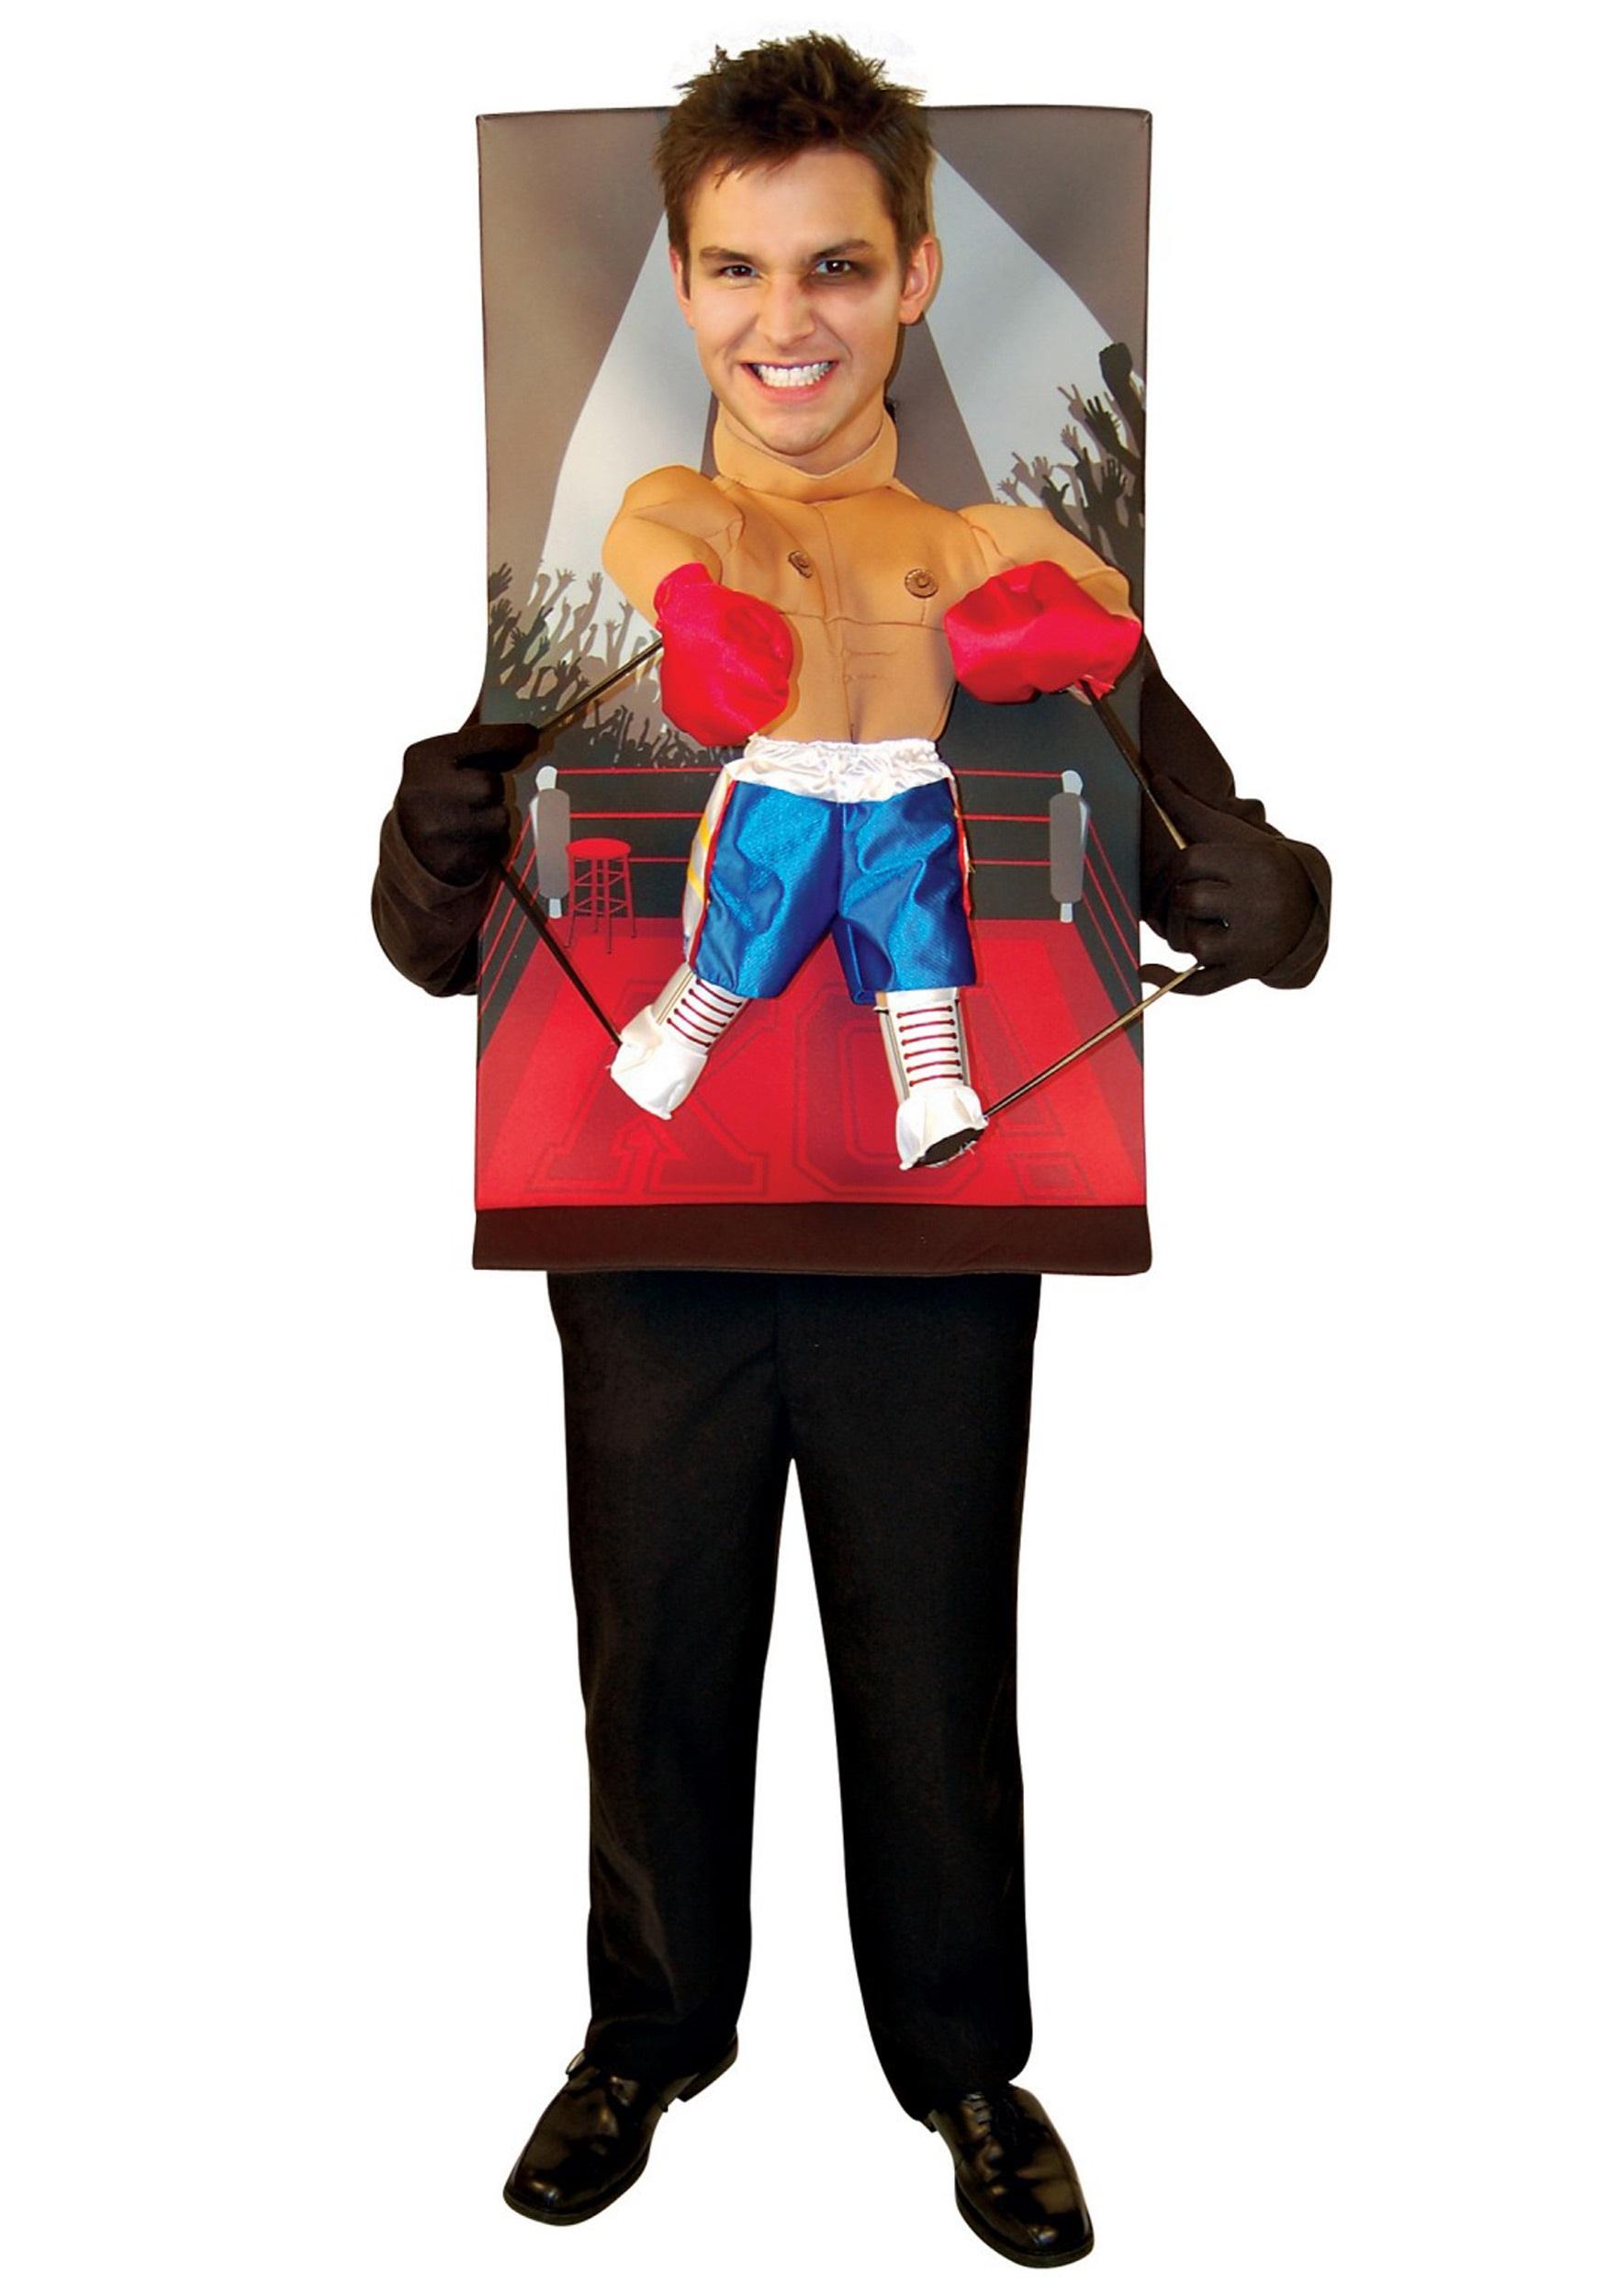 teenie weenies boxer costume